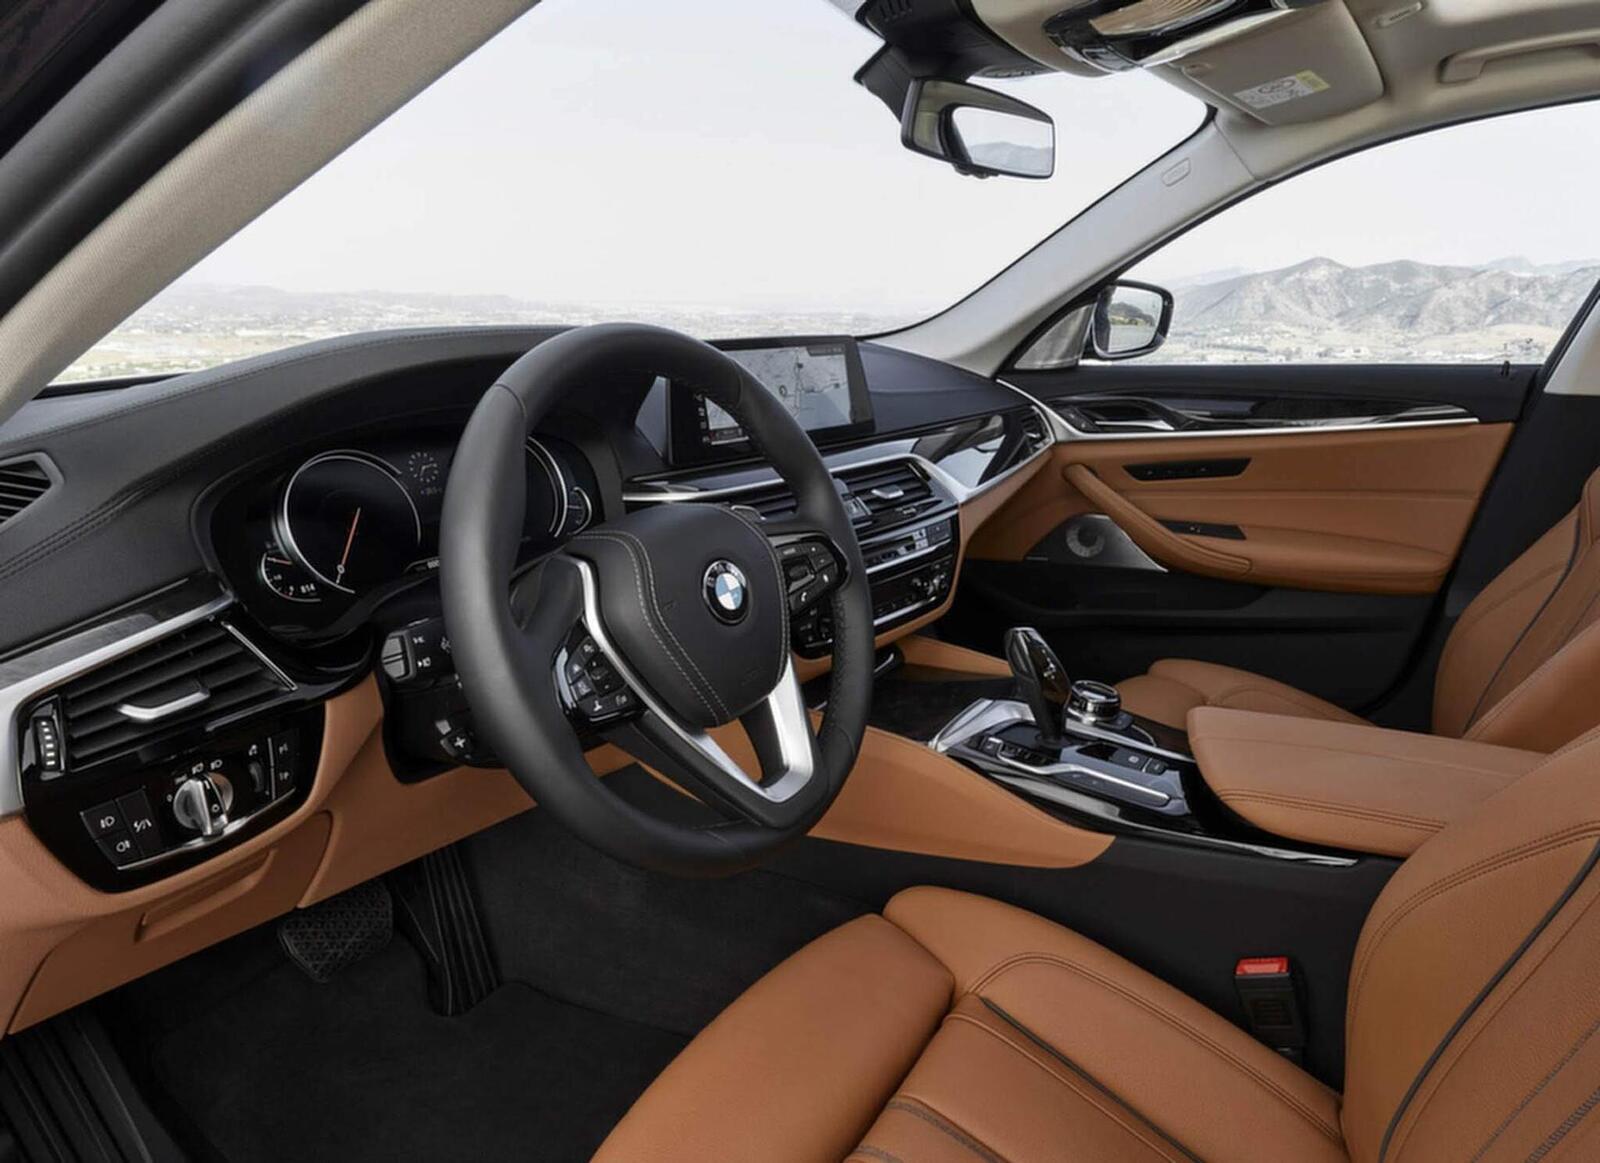 BMW 5 Series thế hệ hoàn toàn mới xuất hiện tại Hà Nội - Hình 13